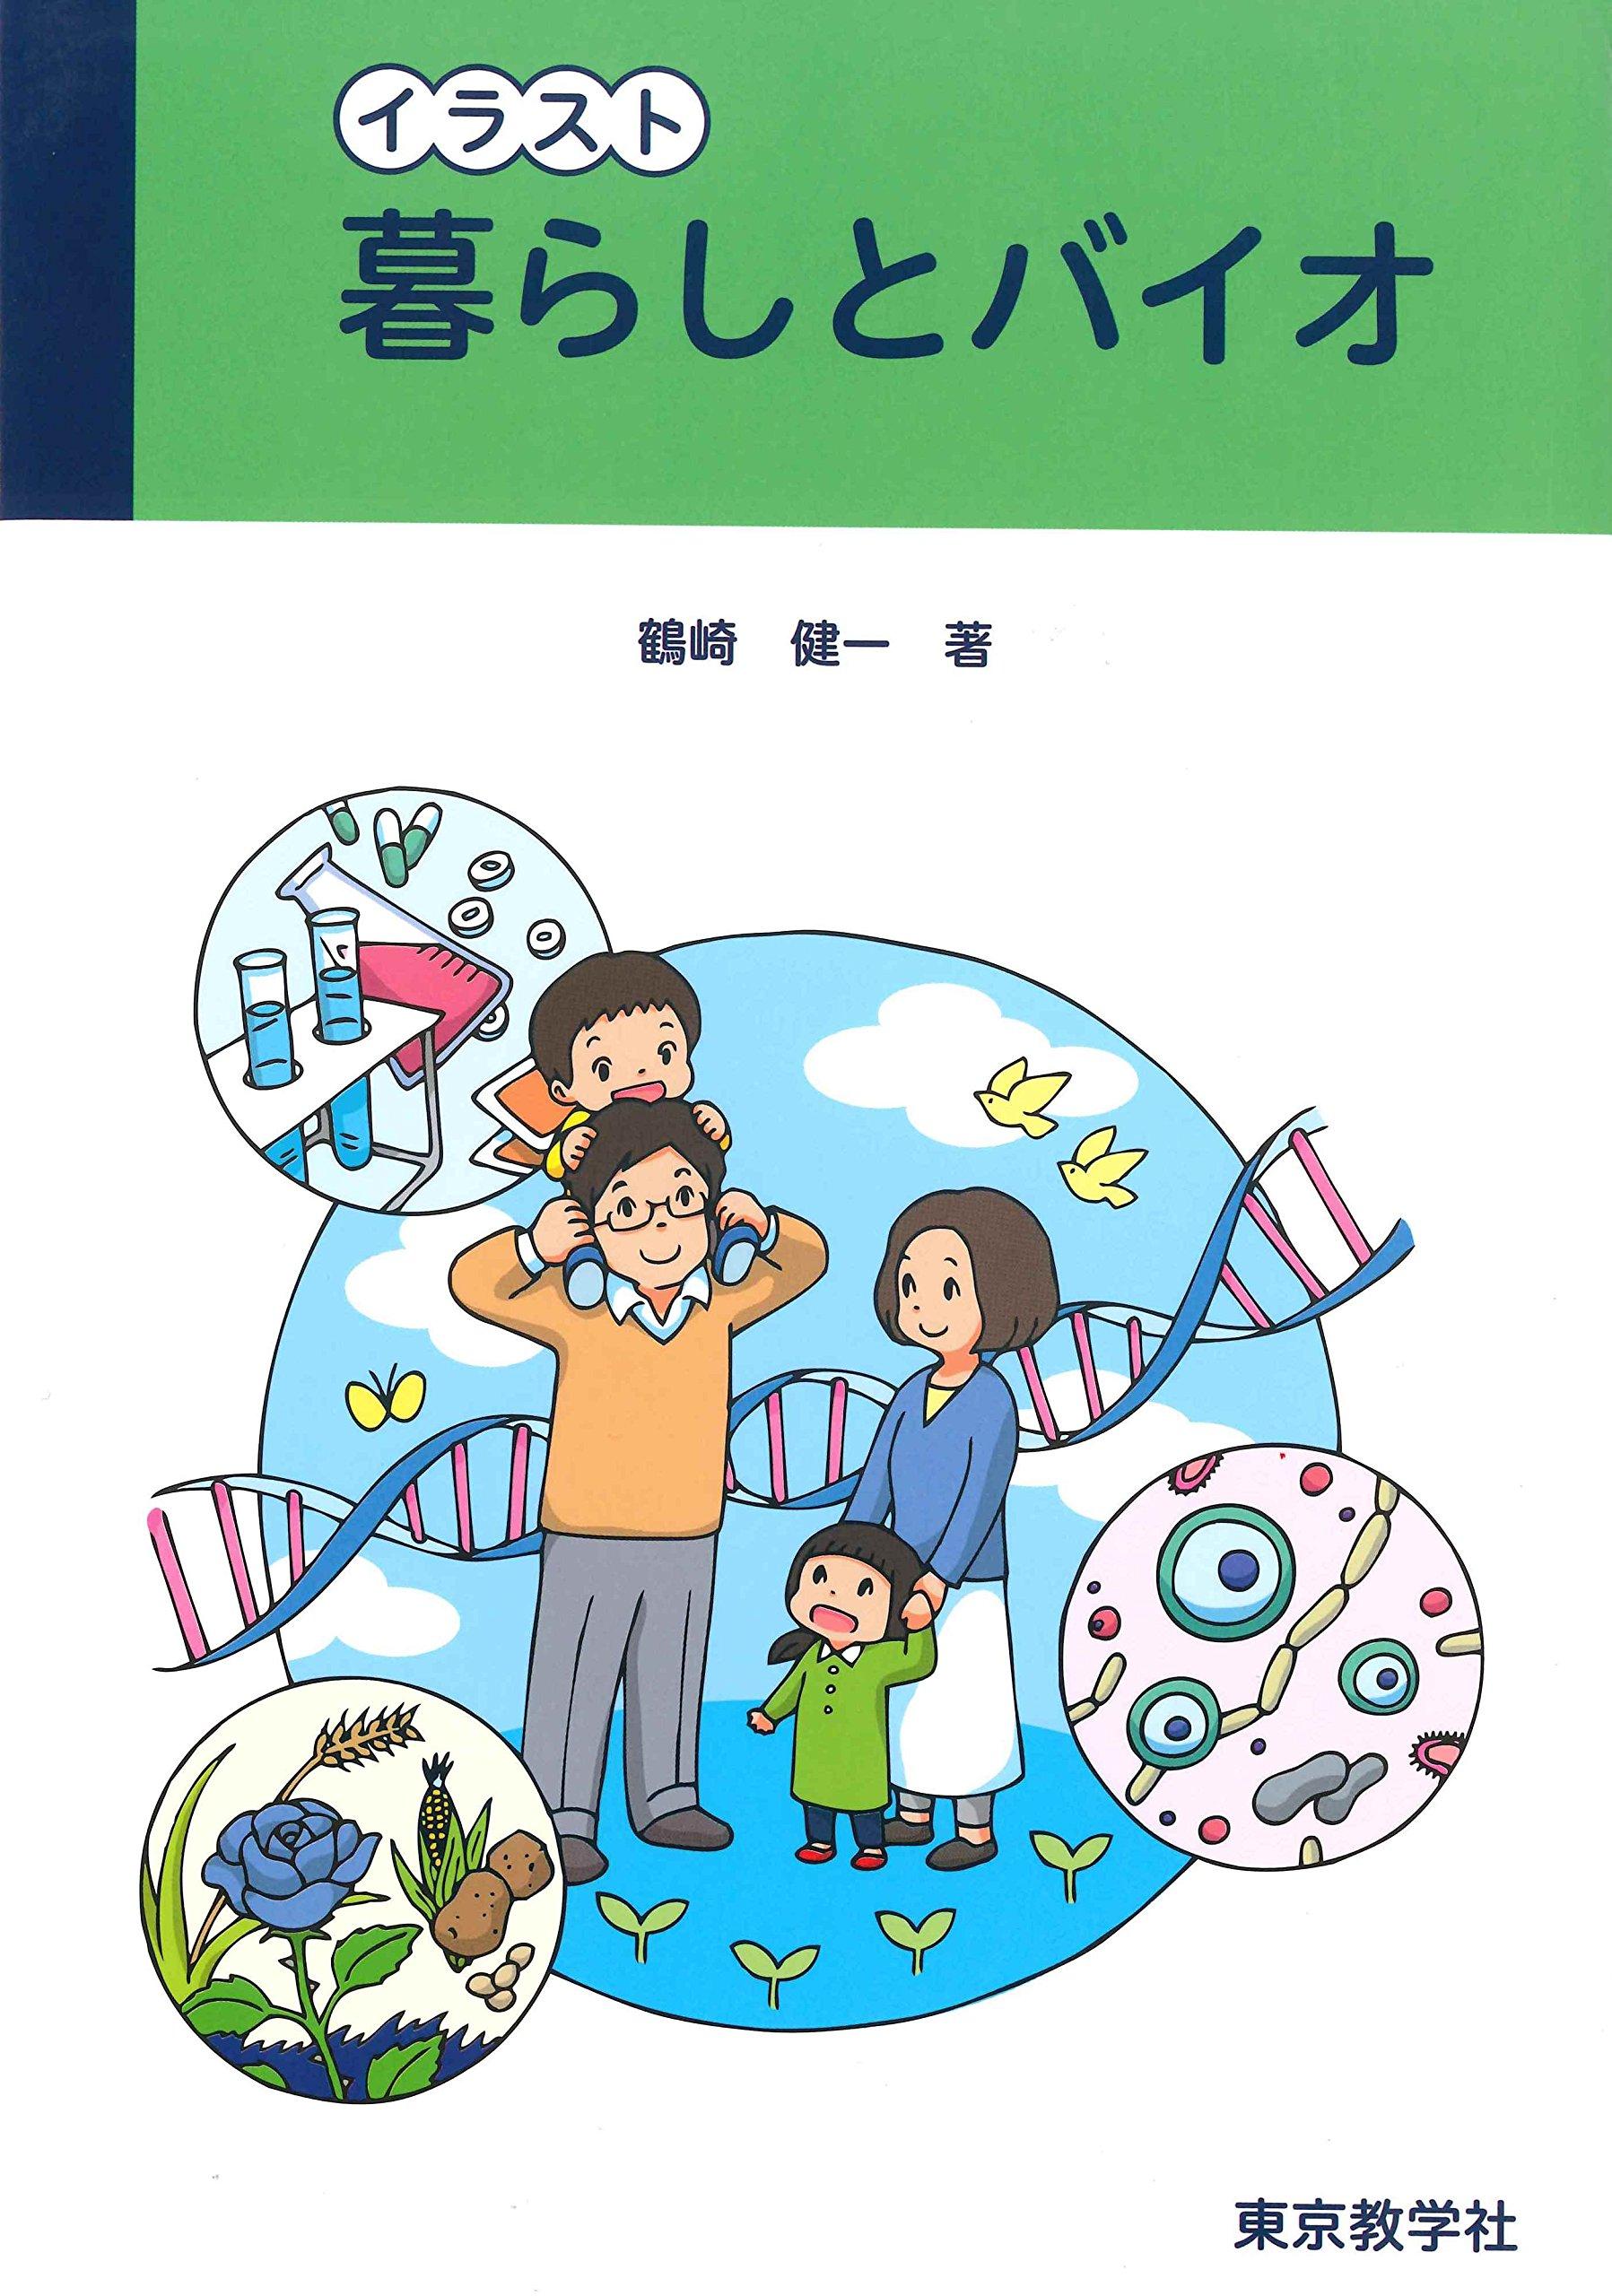 暮らしとバイオ イラスト 鶴﨑 健一 本 通販 Amazon